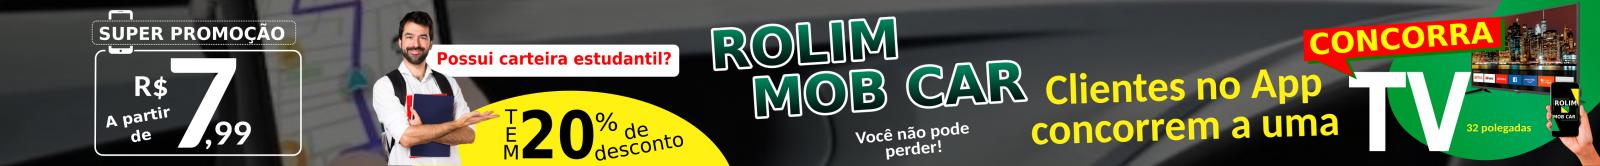 Rolim Mob Car